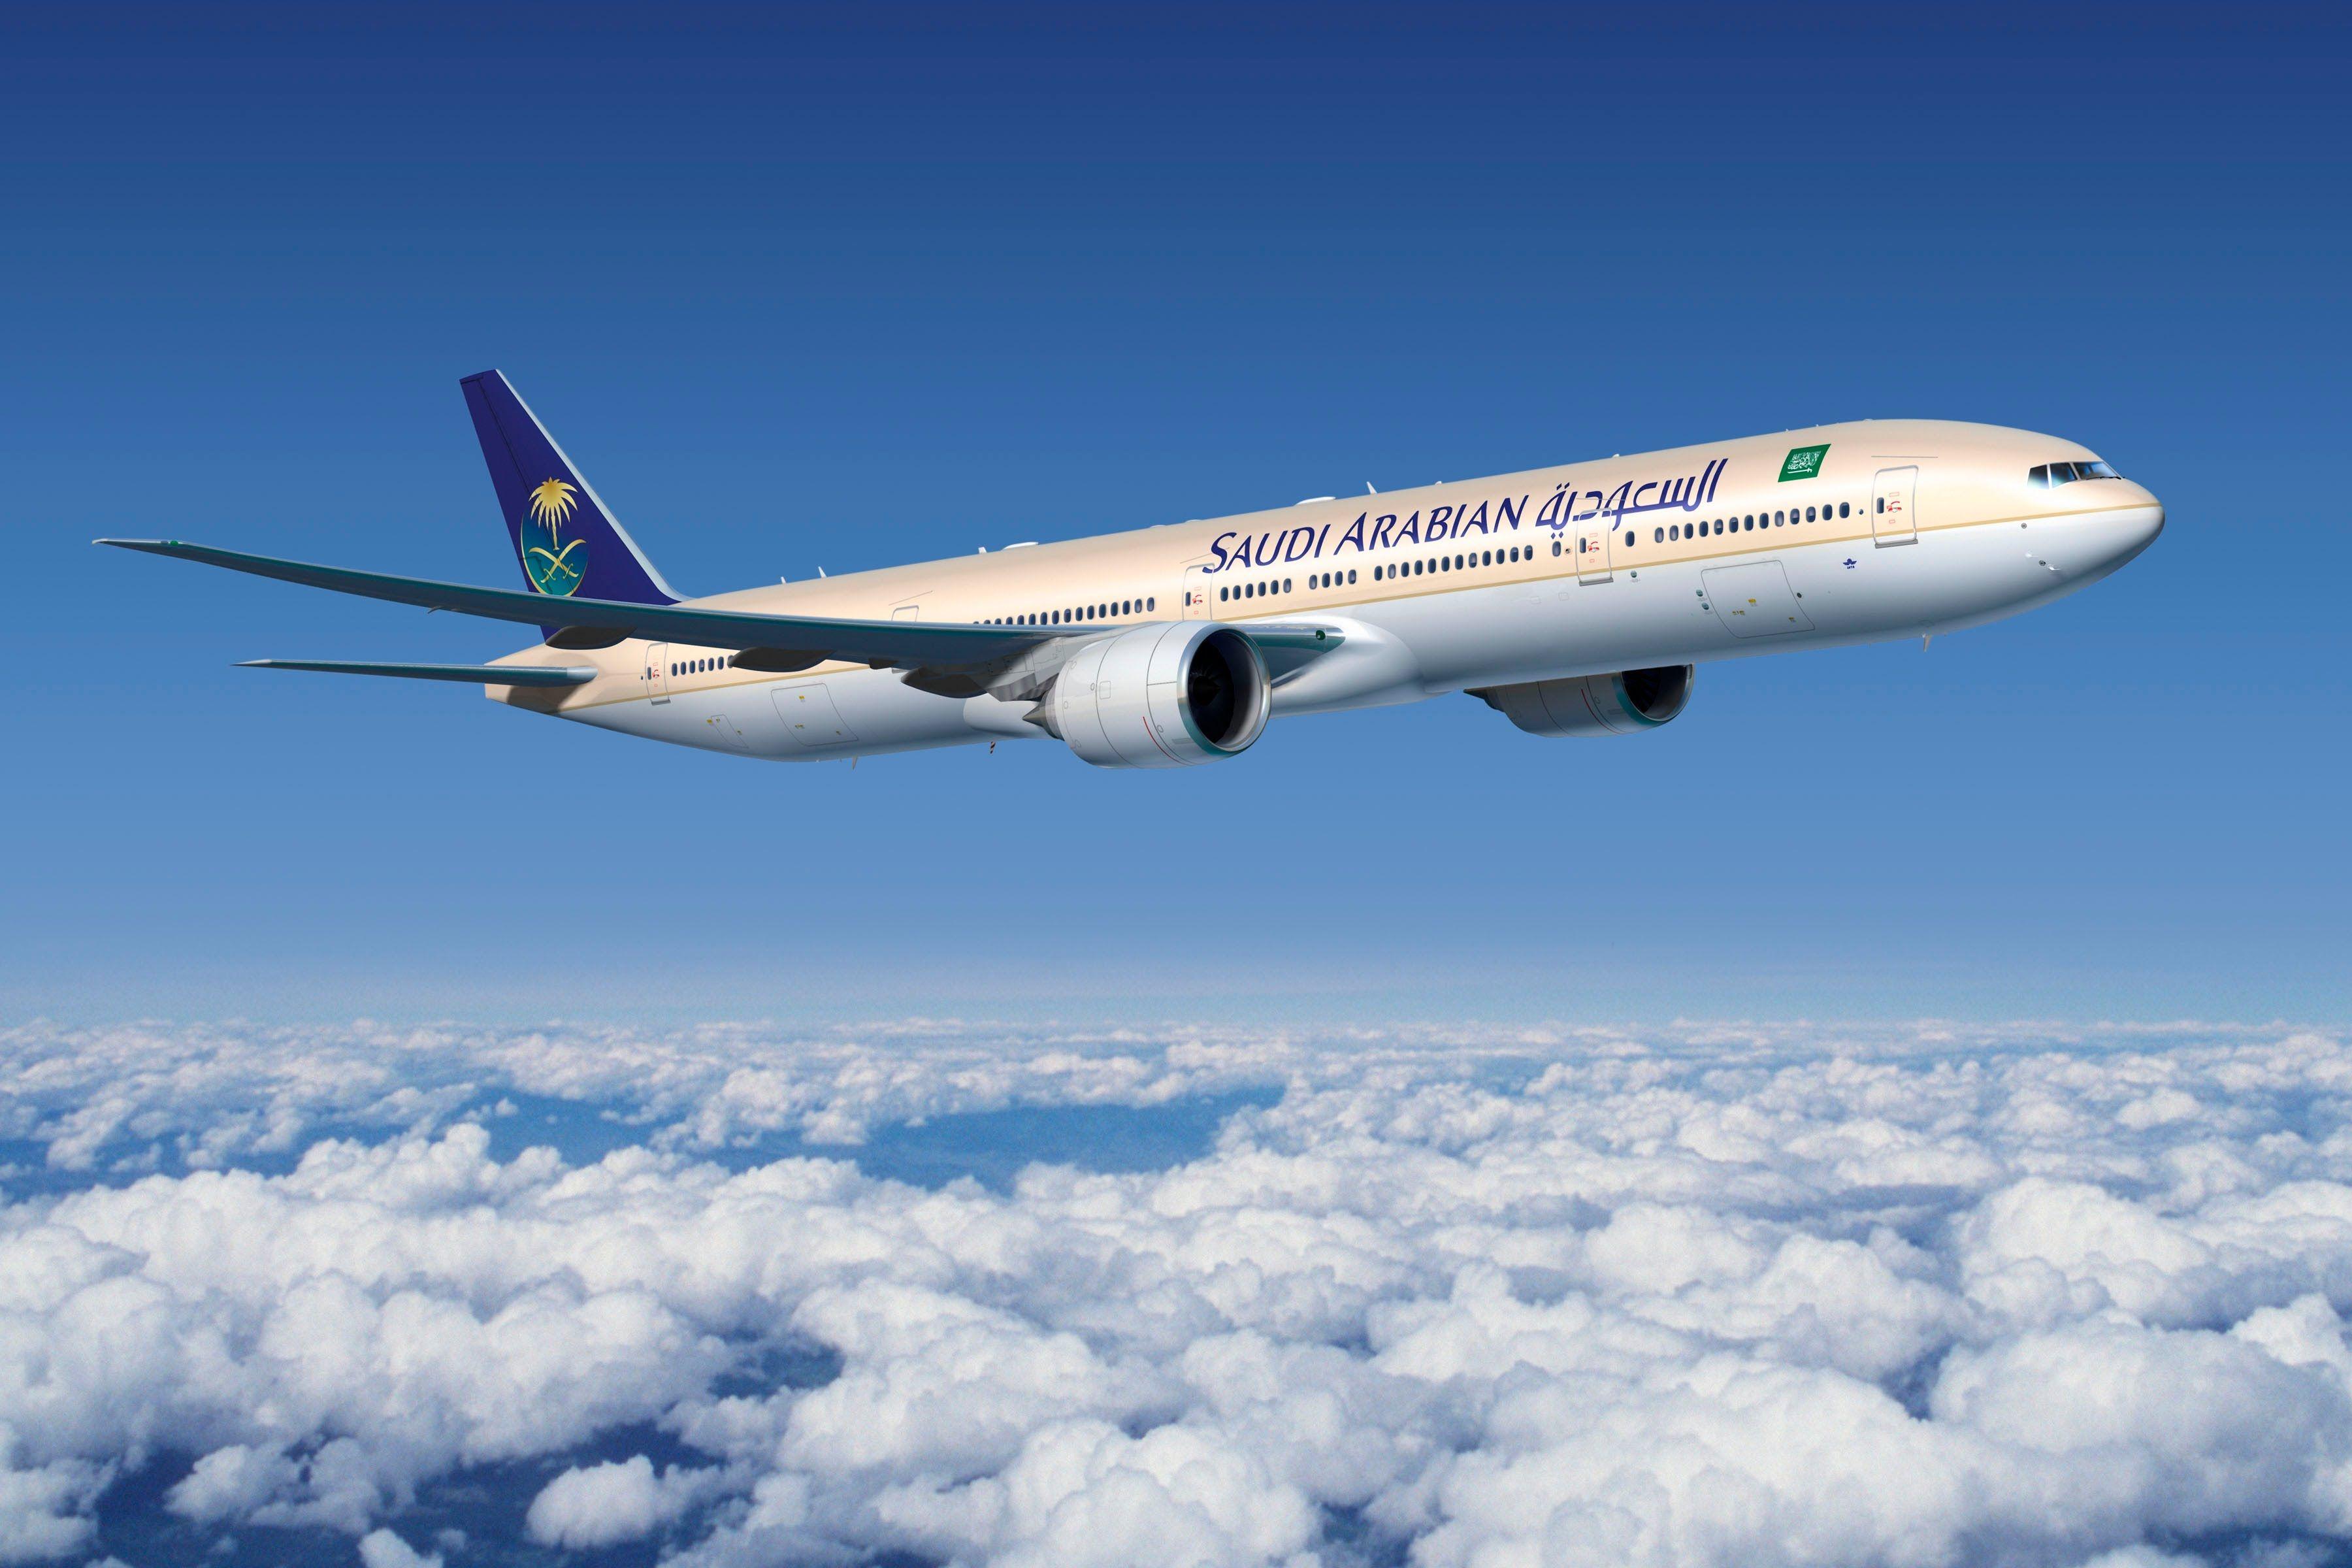 الخطوط السعودية تستقبل طائرة الأحلام الثانية وضمها لأسطول طيران السعودية Airline Booking Airlines Boeing 777